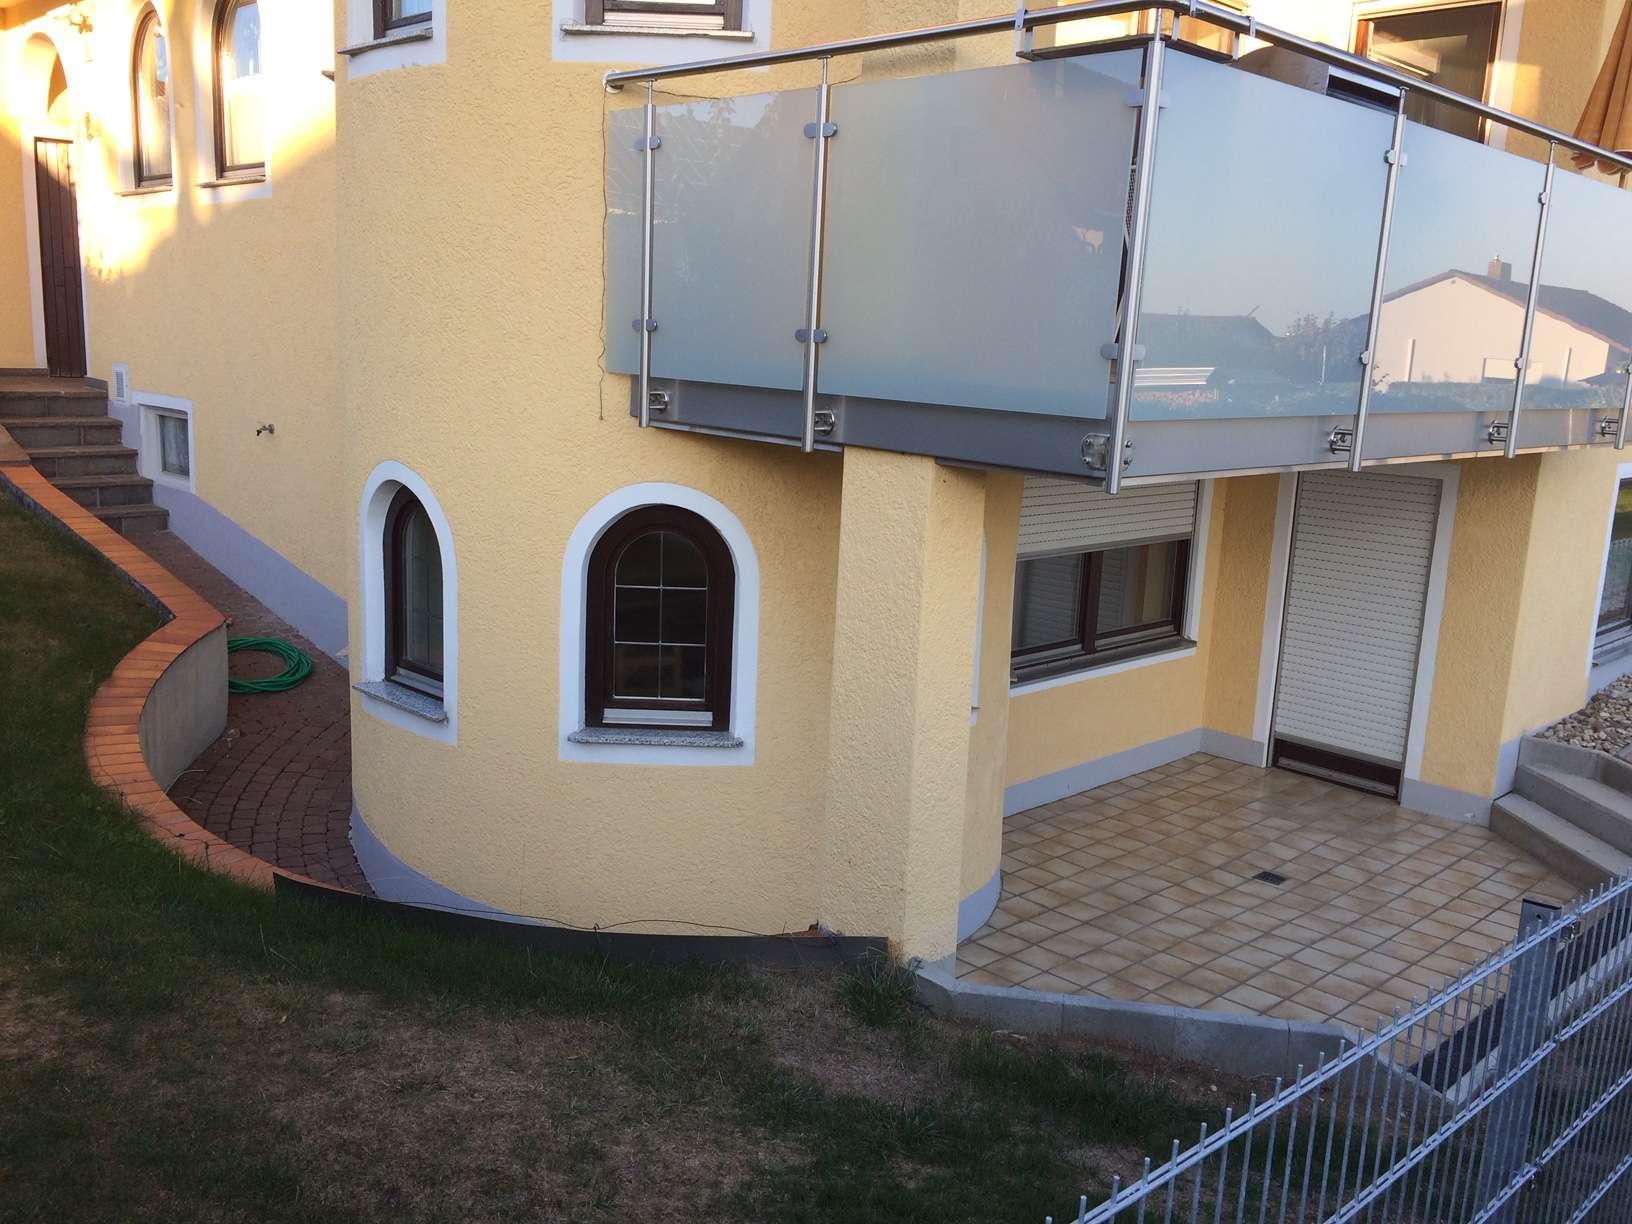 Schöne, geräumige zwei Zimmer Wohnung Kösching, Eixelberg